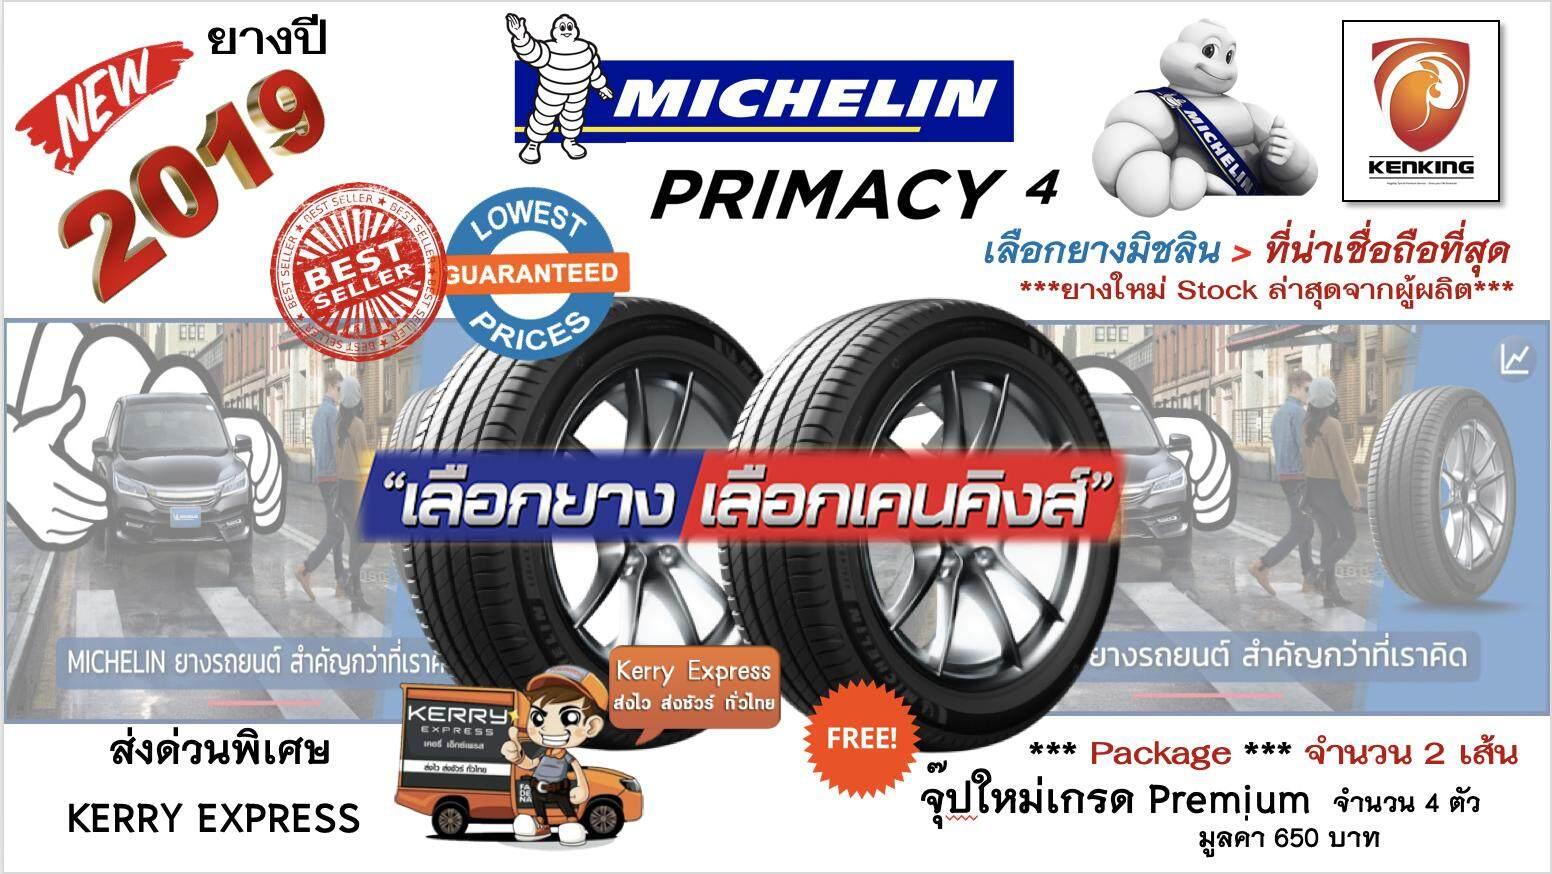 ประกันภัย รถยนต์ แบบ ผ่อน ได้ อุบลราชธานี ยางรถยนต์ขอบ17 Michelin มิชลิน NEW!! 2019 225/50 R17 Primacy 4 (2 เส้น) FREE !! จุ๊ป PREMIUM BY KENKING POWER 650 บาท MADE IN JAPAN แท้ (ลิขสิทธิแท้รายเดียว)